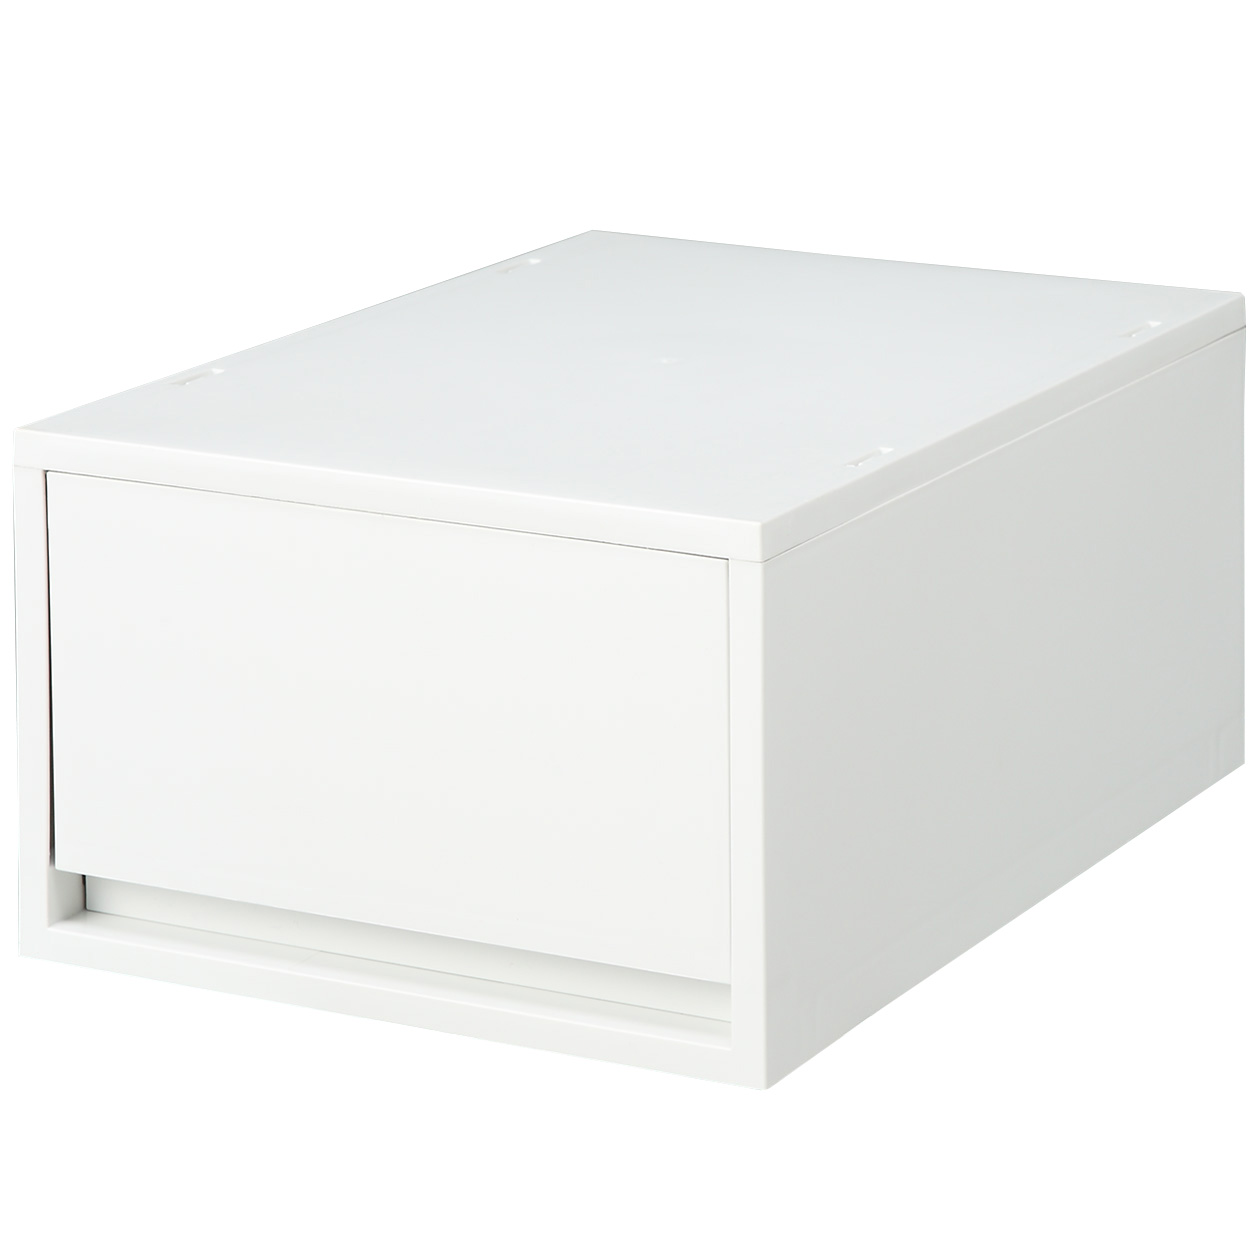 ポリプロピレンケース・引出式・深型・ホワイトグレー ホワイトグレーの写真